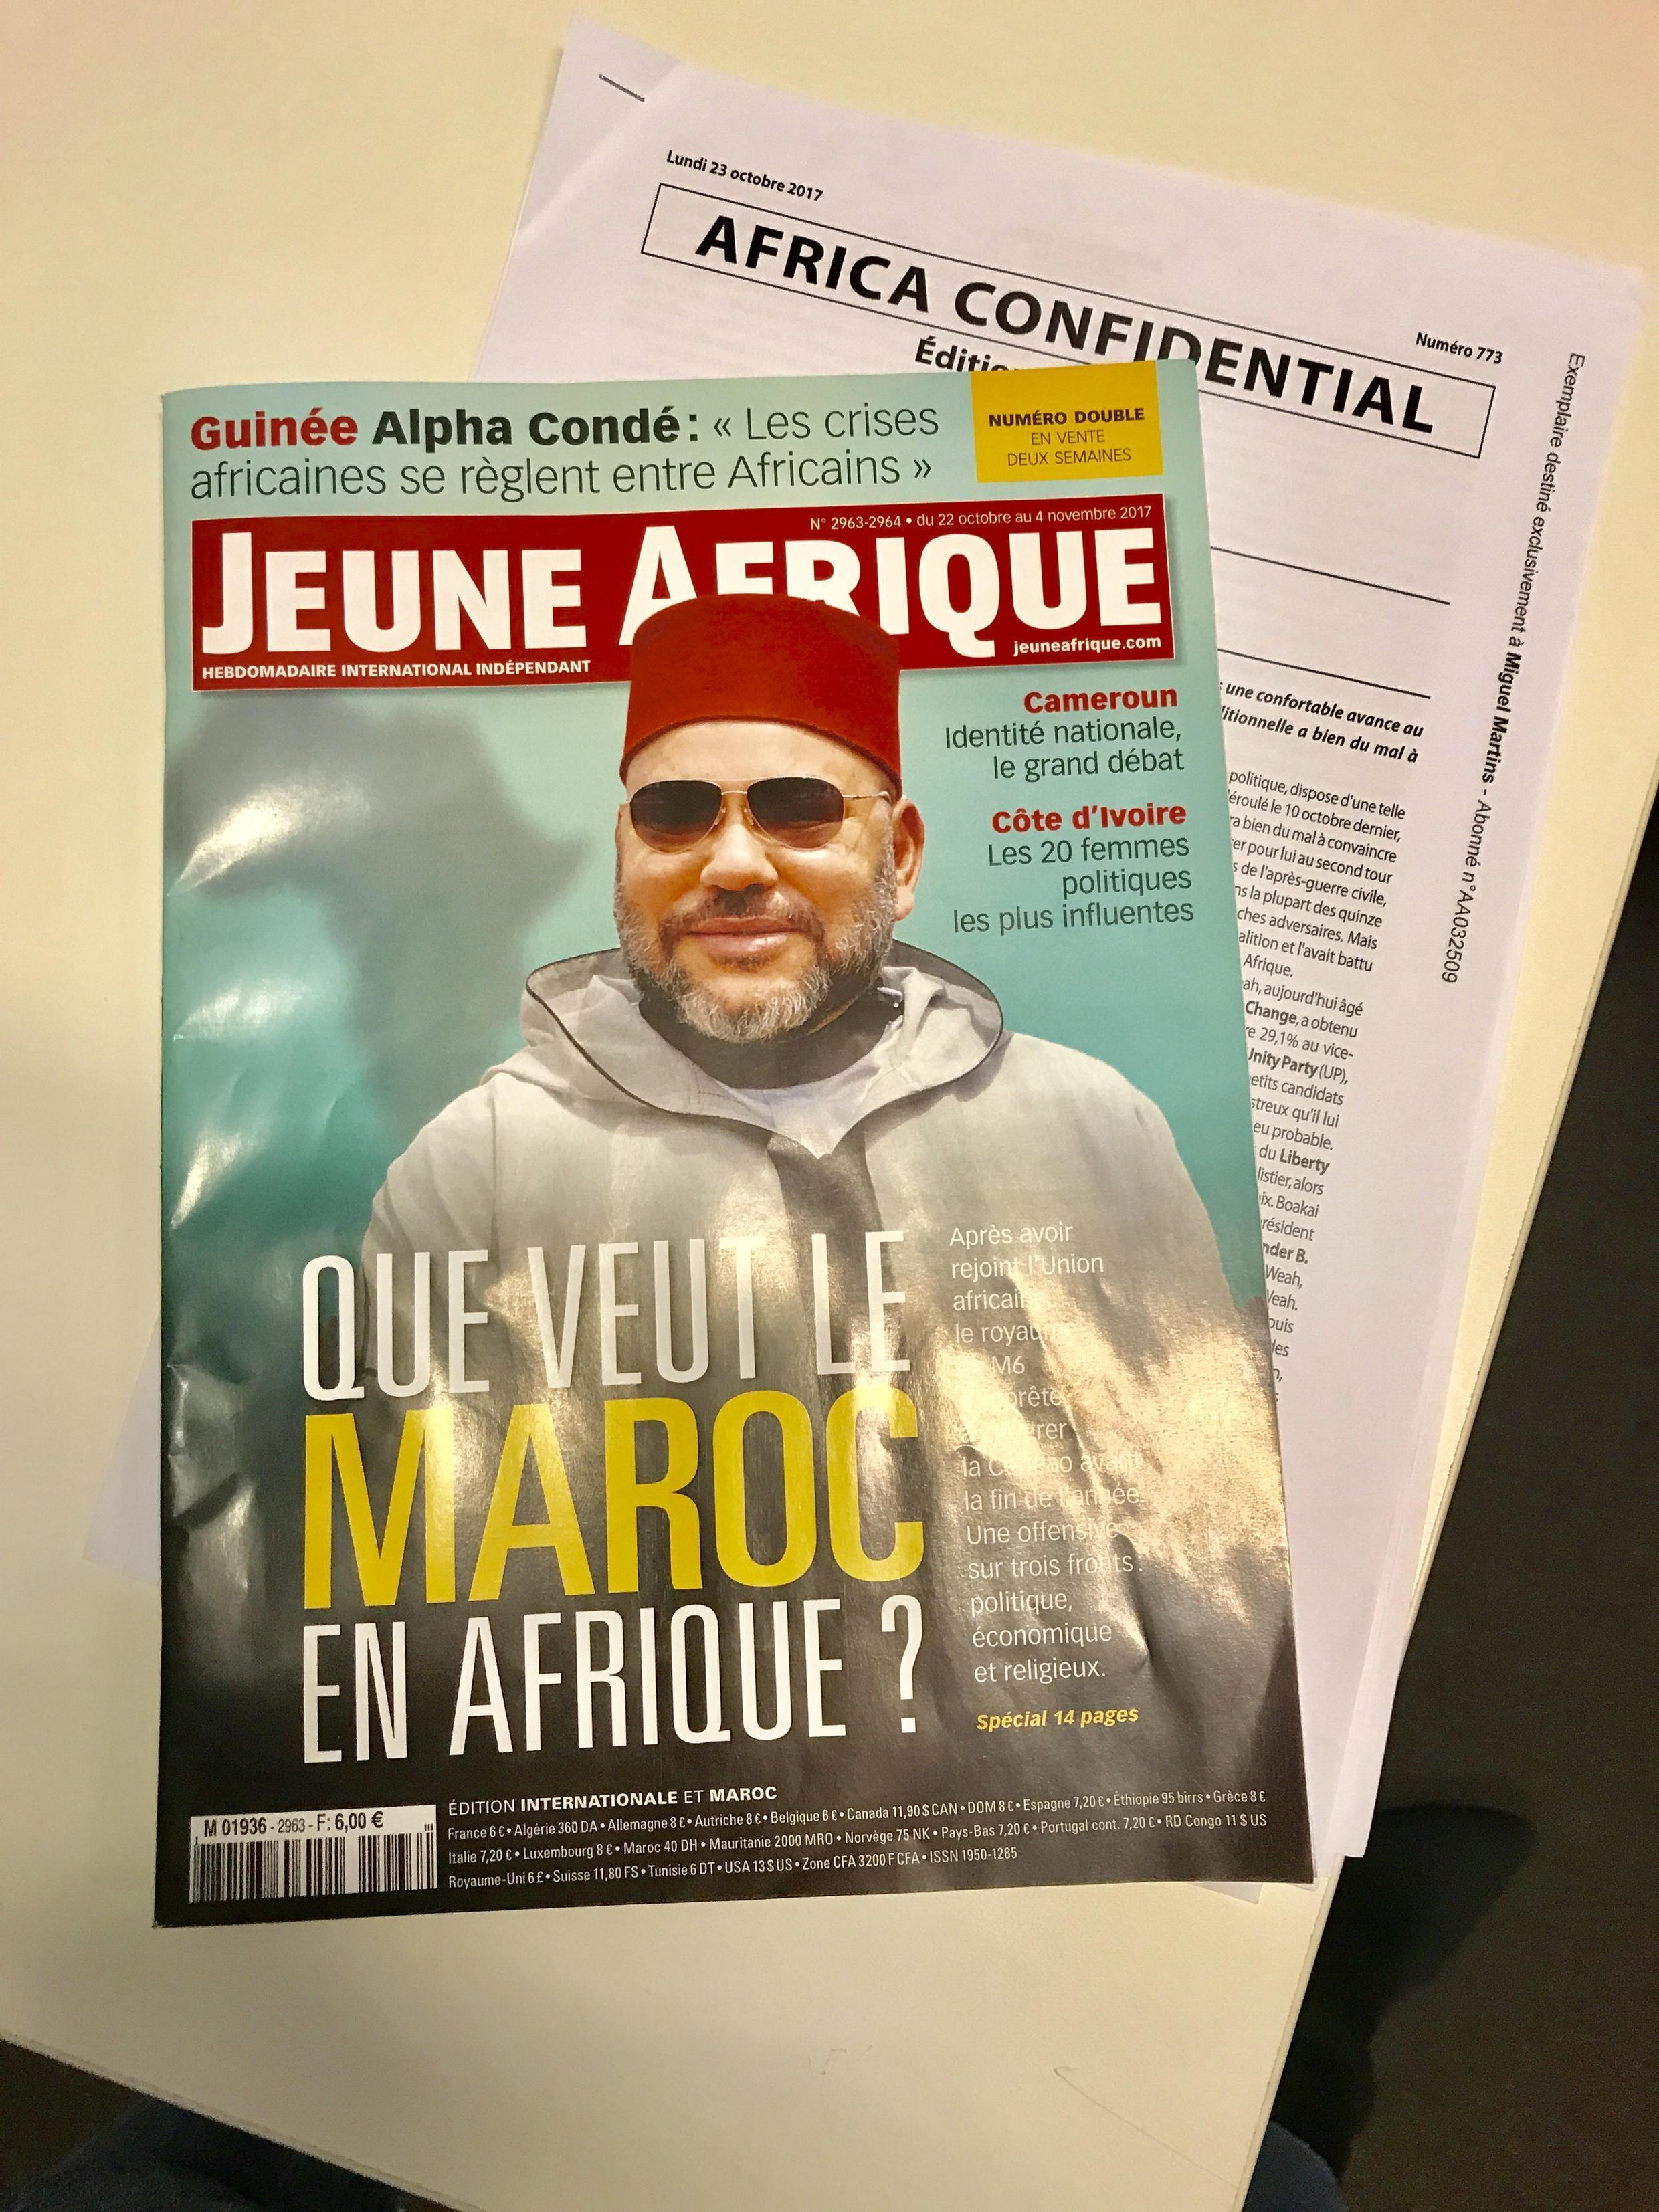 Capa da publicação frencesa Jeune Afrique